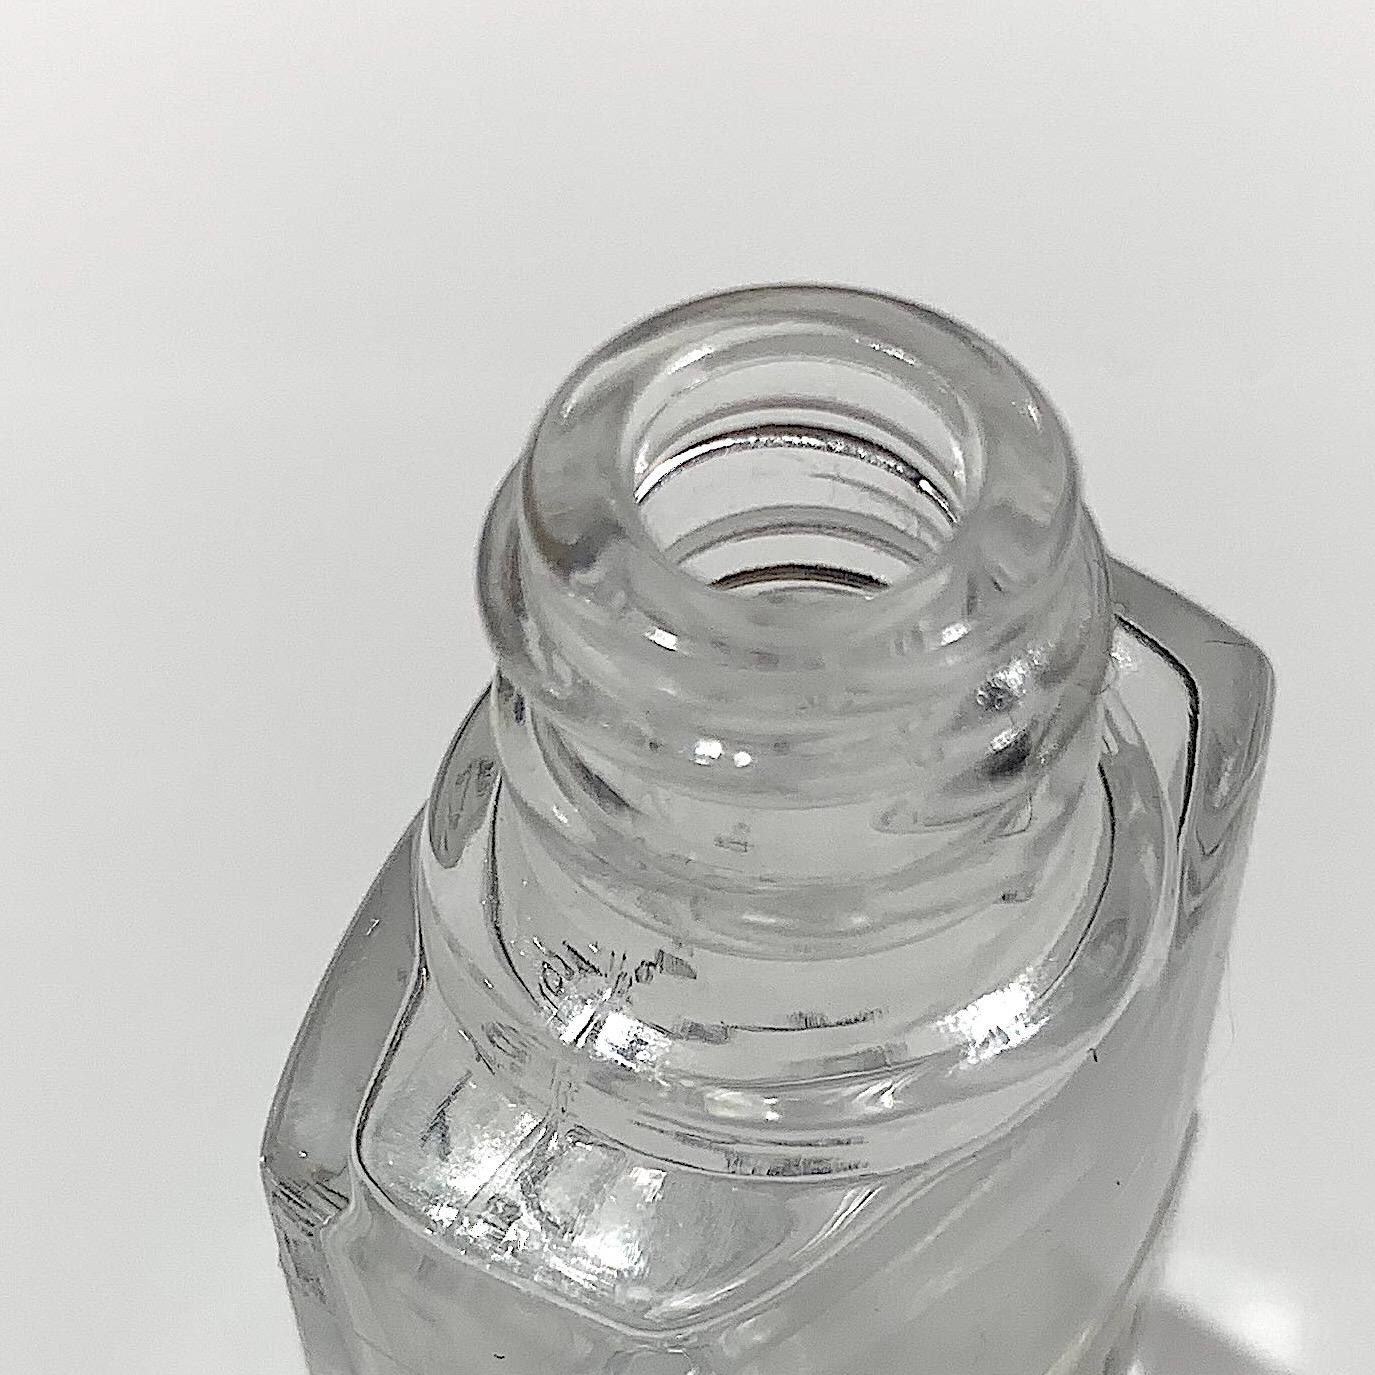 イエローフリージア(パルファム)5mlミニボトル/MACOTT 限定熟成香水